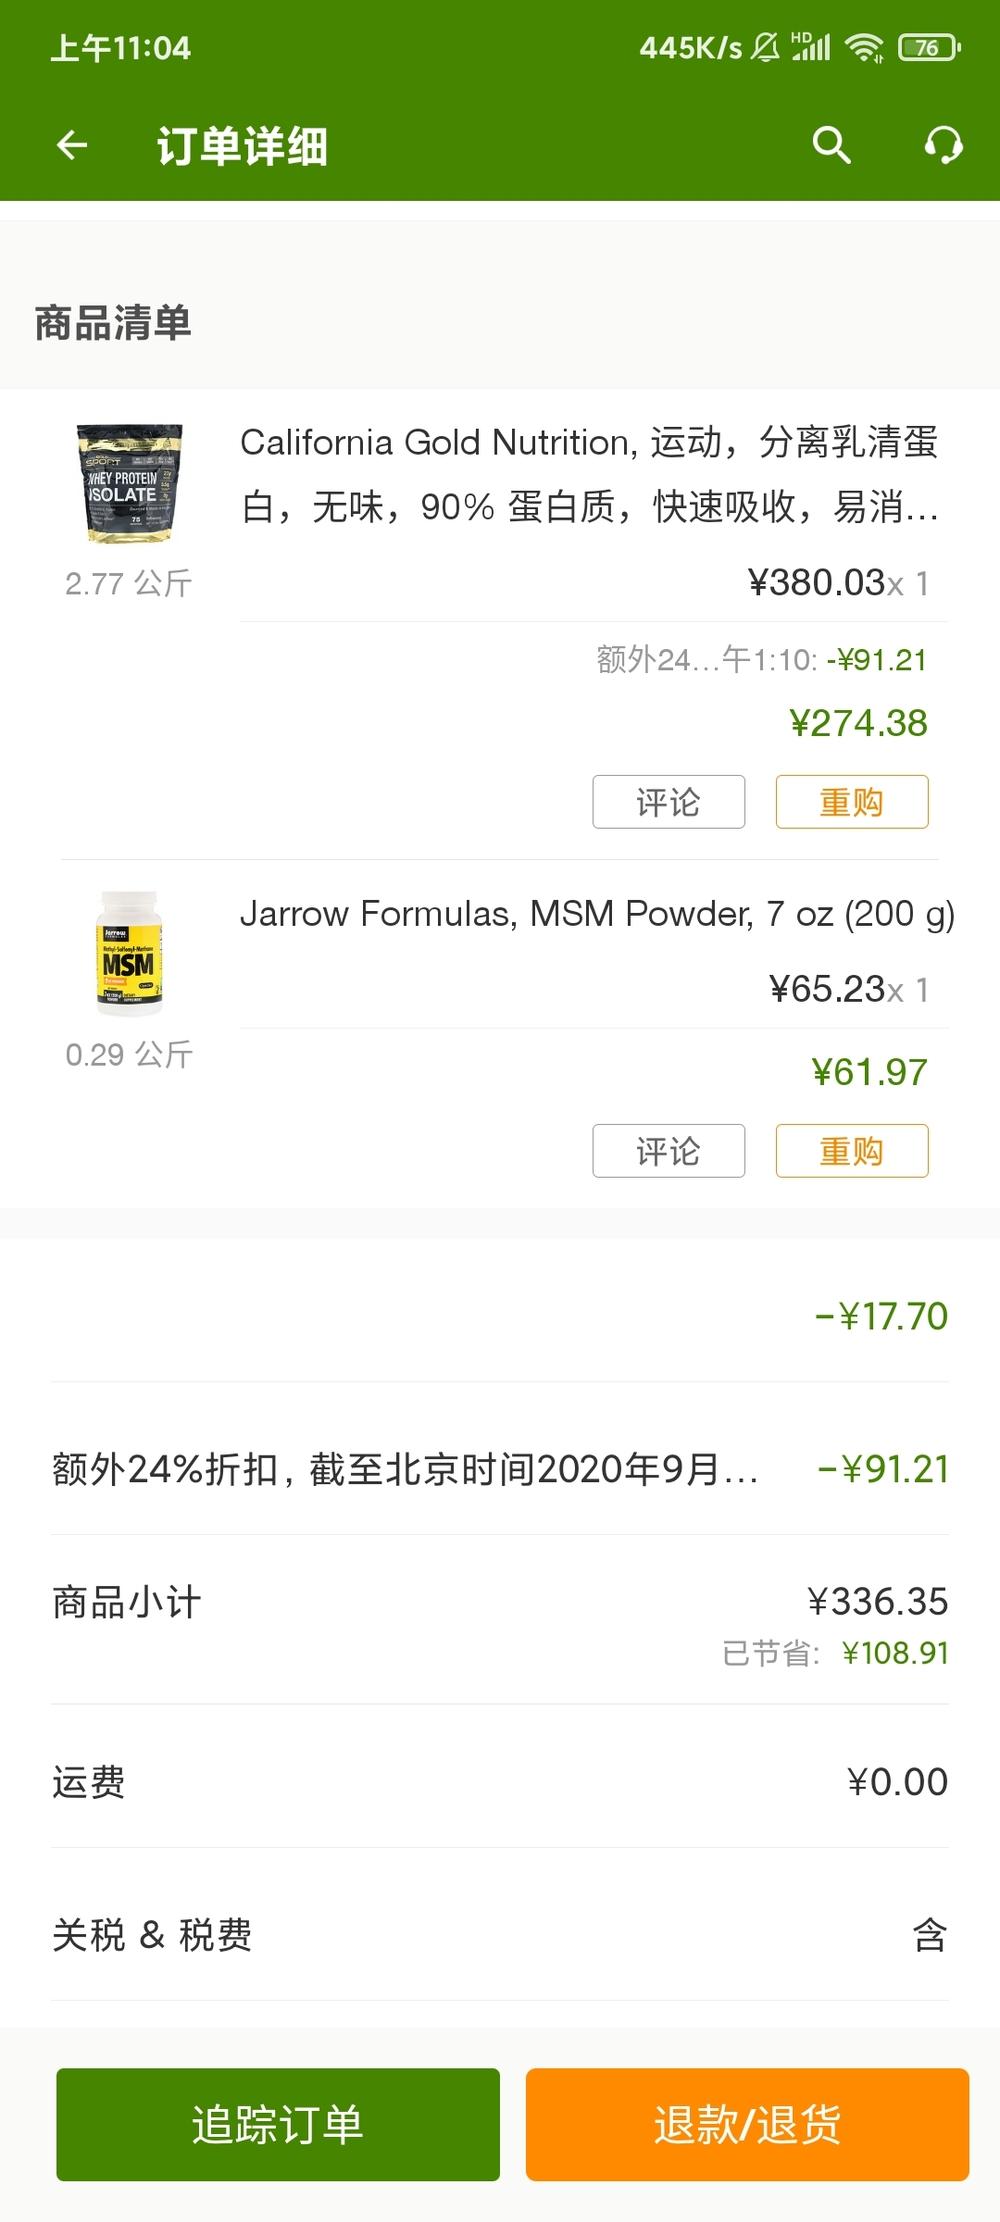 Screenshot_2020-09-18-11-04-53-314_com.iherb.cn.jpg